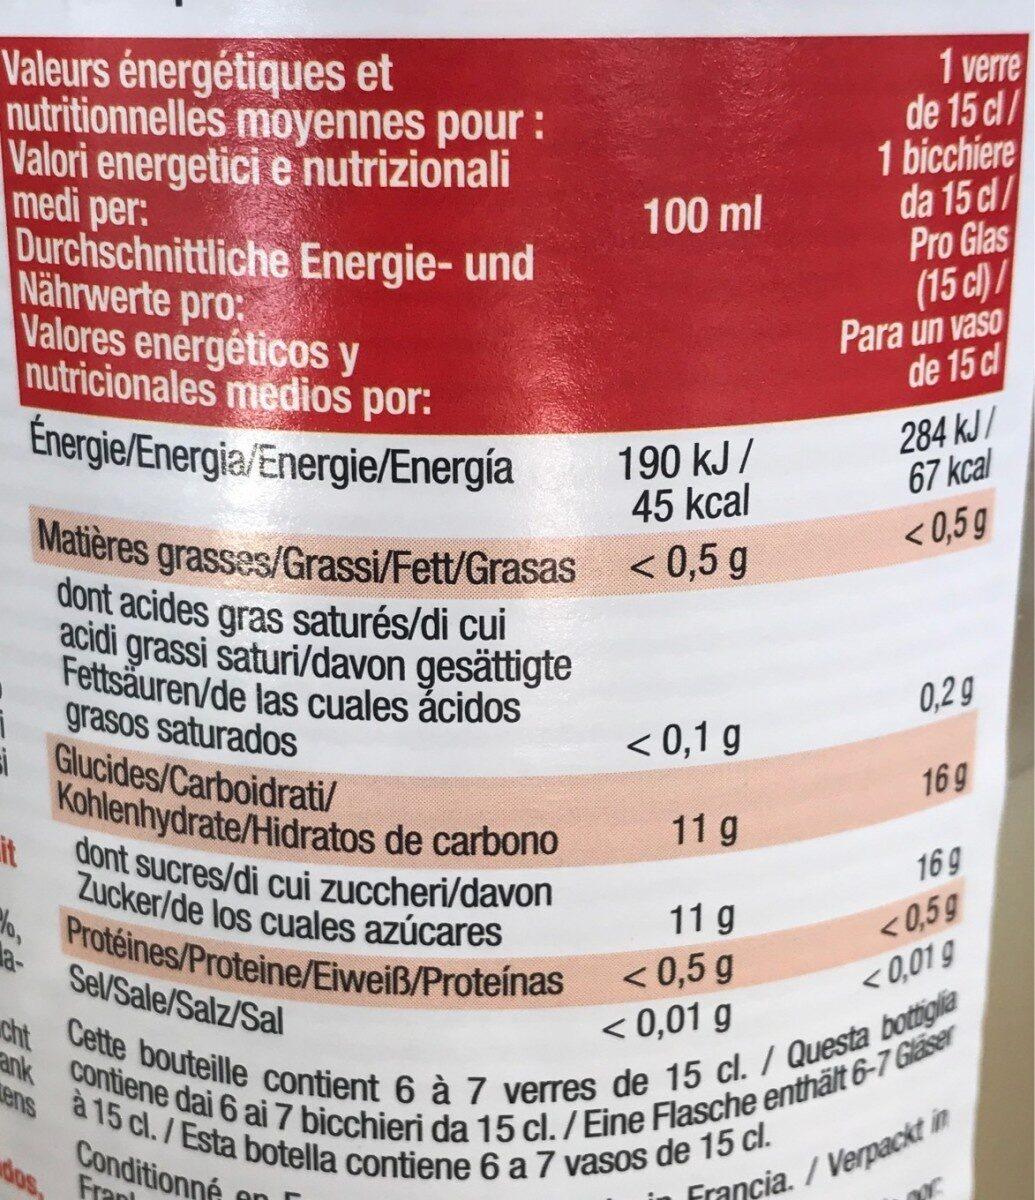 Boisson aux litchis et à la goyave blanche - Informations nutritionnelles - fr